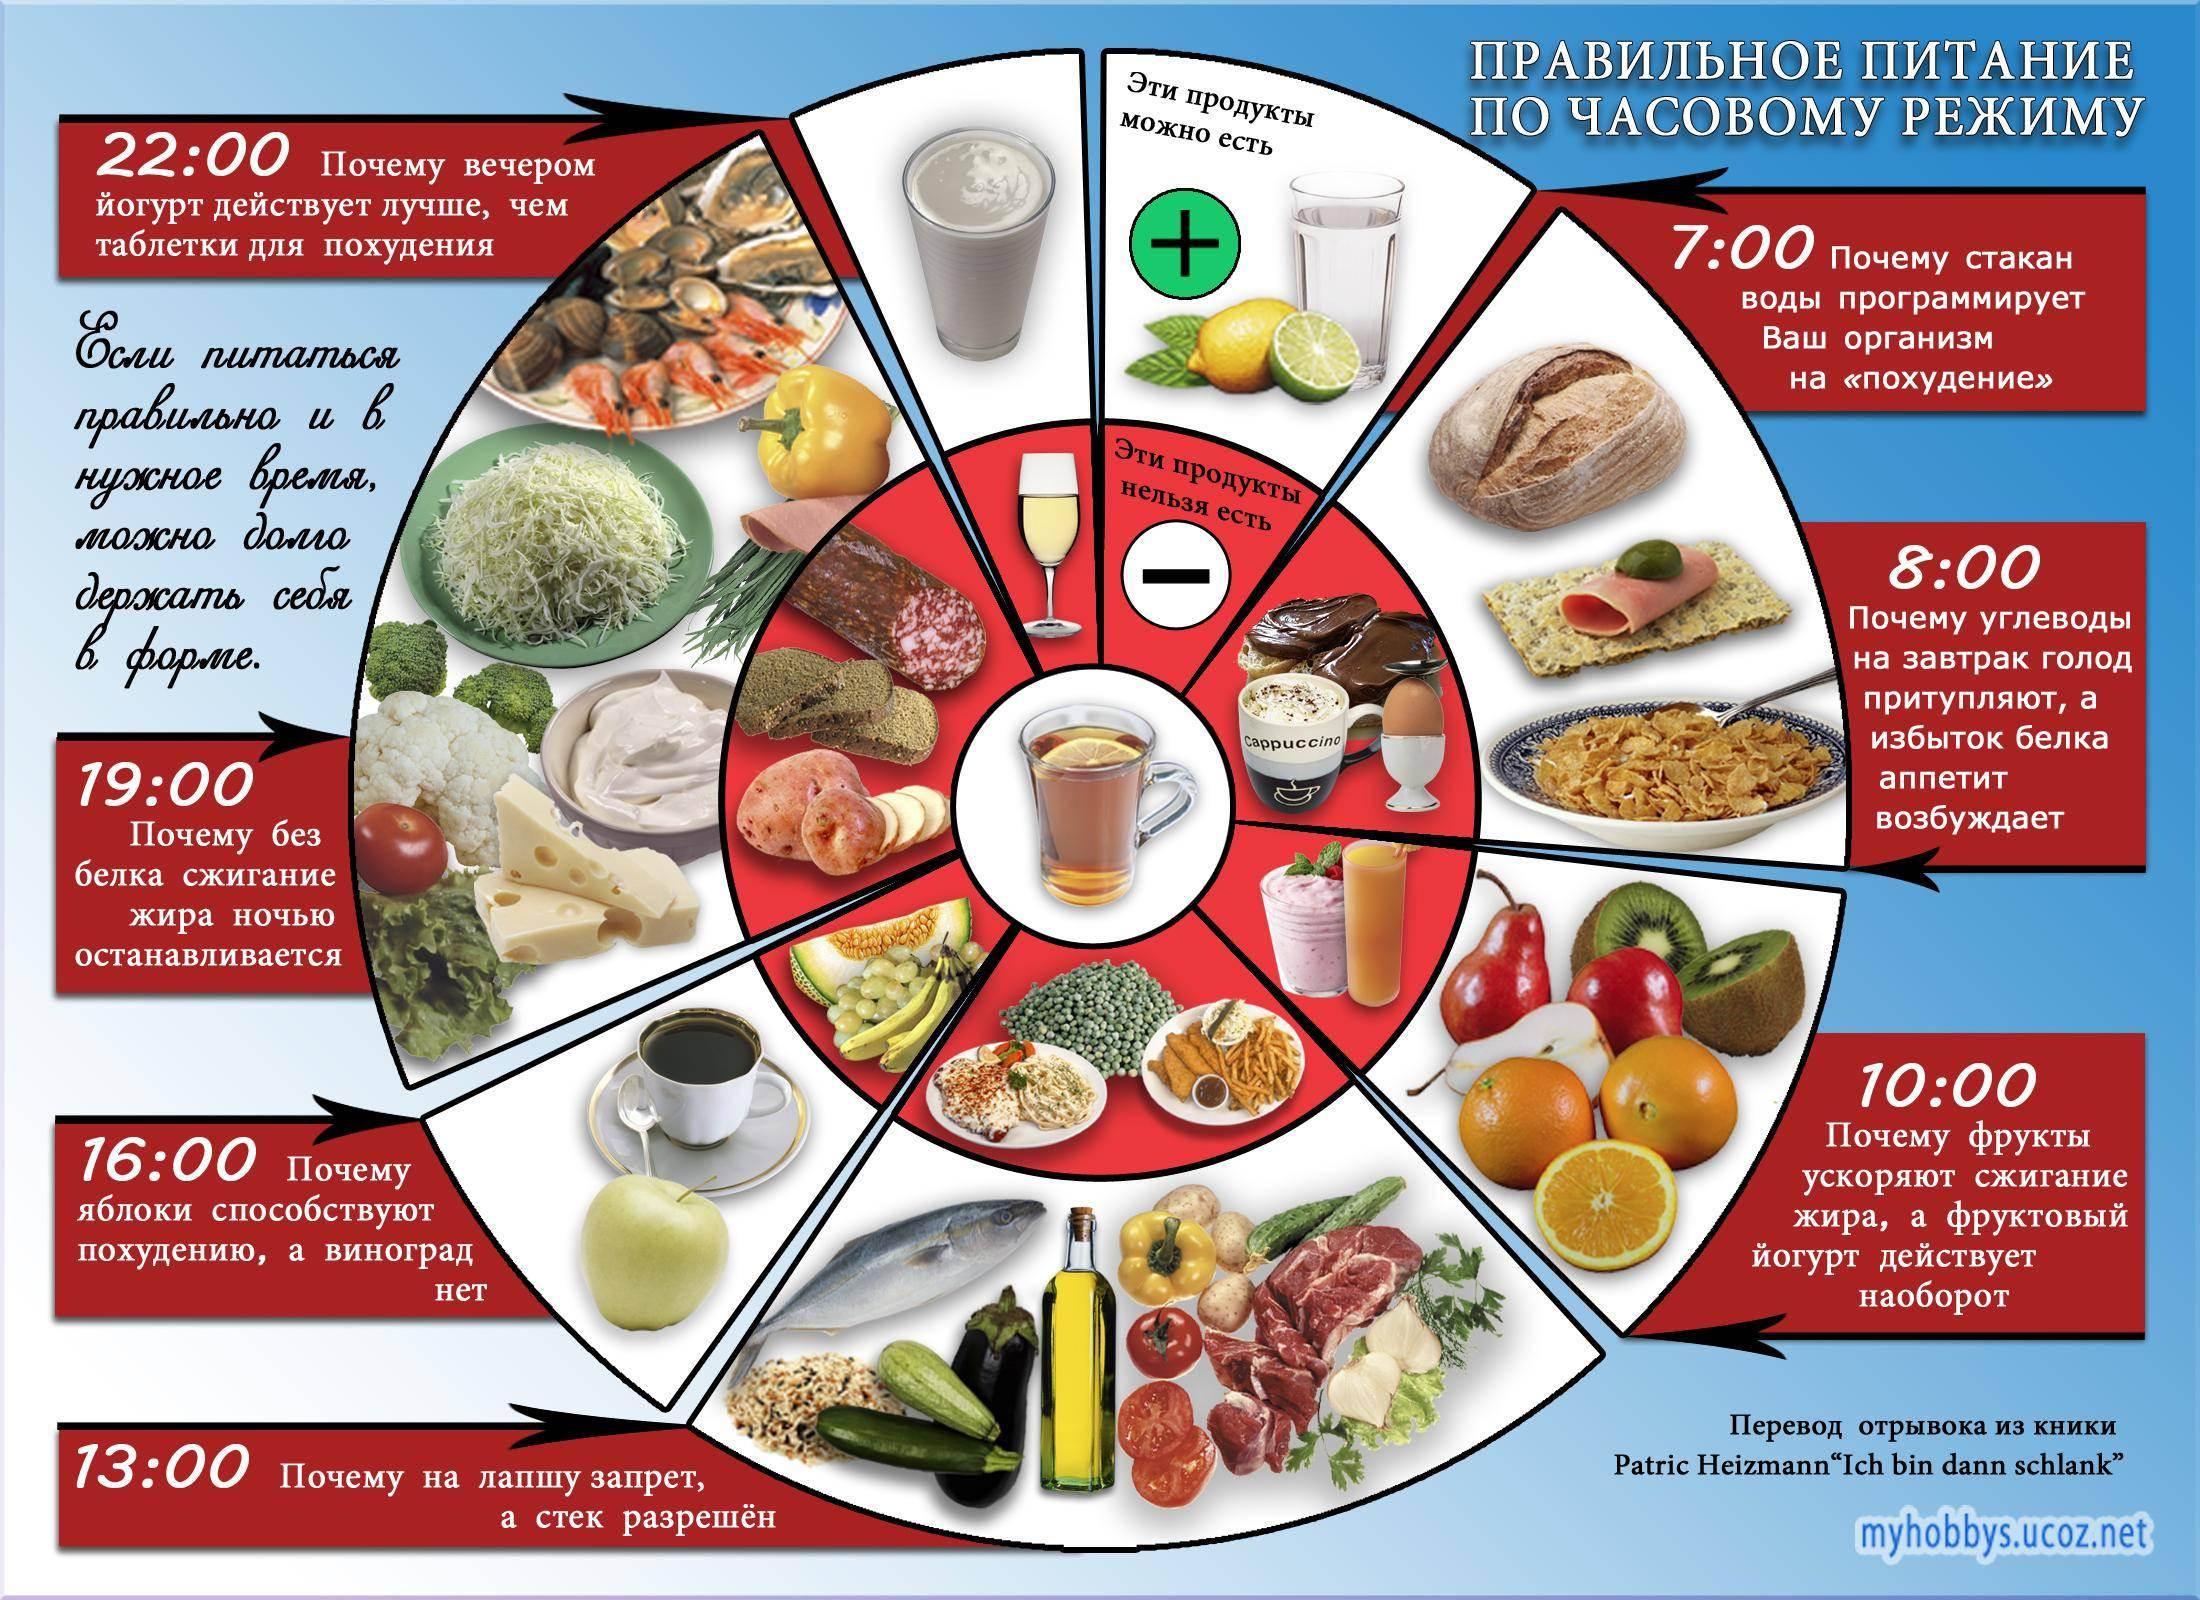 Какие продукты необходимо исключить из рациона для быстрого похудения?